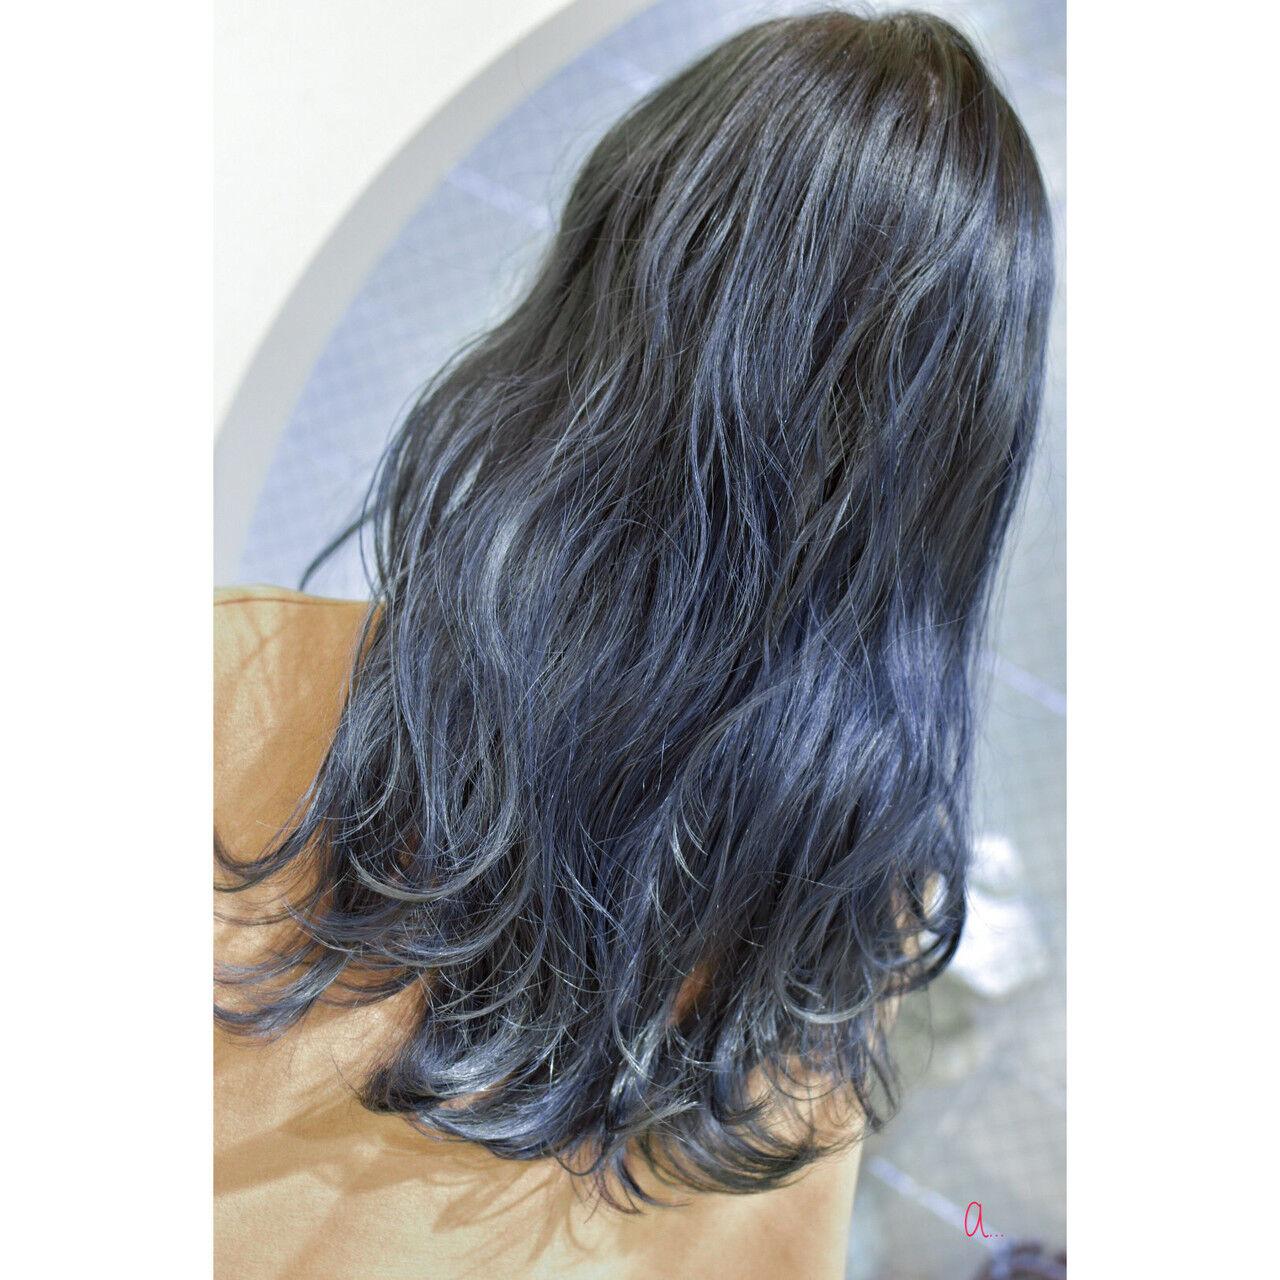 ネイビーカラー モード ネイビーブルー コリアンネイビーヘアスタイルや髪型の写真・画像